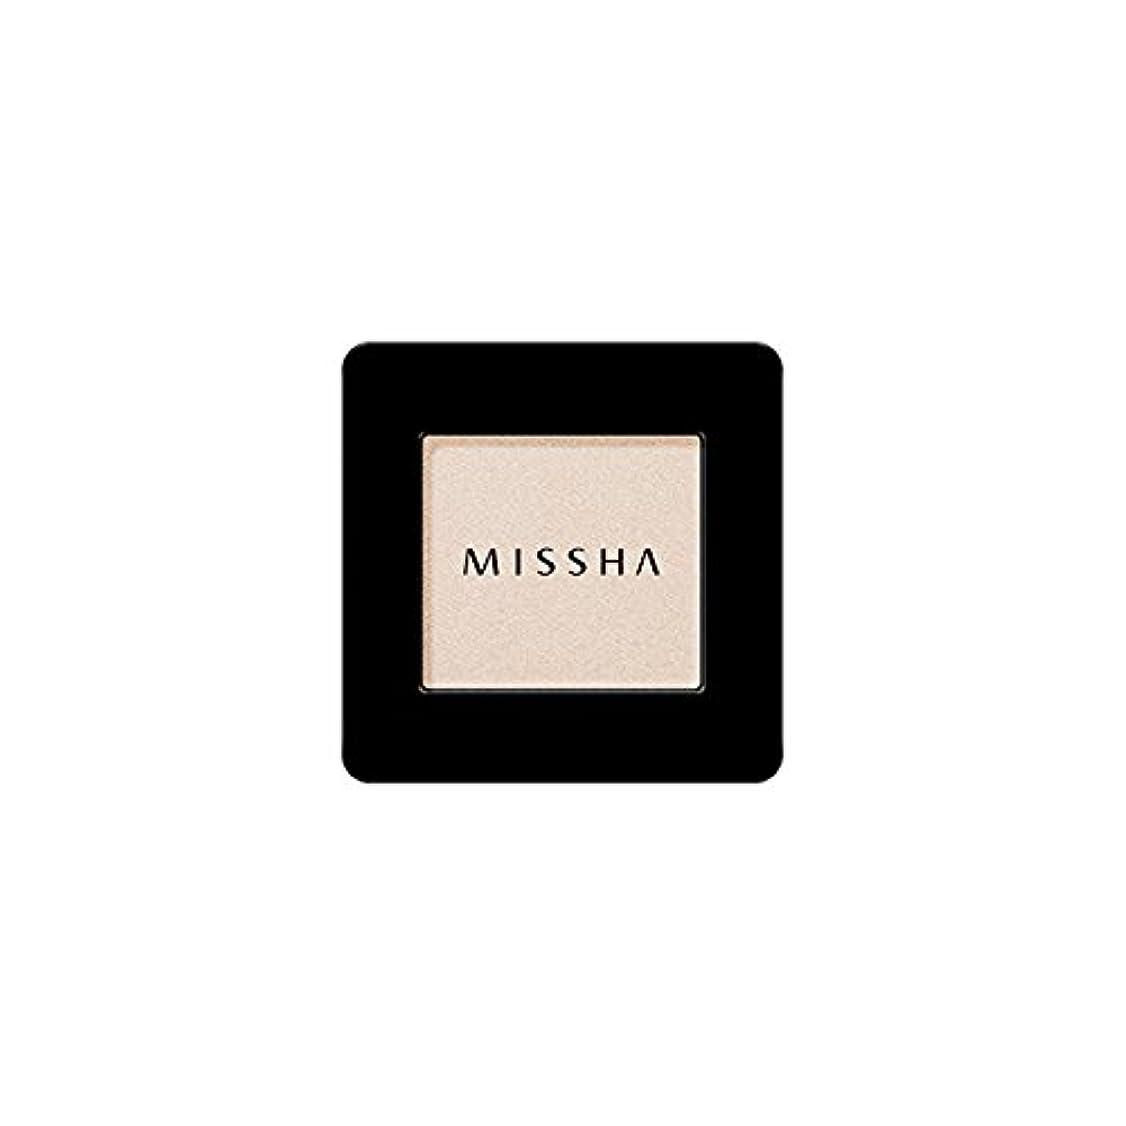 温かいインストラクタークラッシュMISSHA Modern Shadow [SHIMMER] 1.8g (#SBE01 Santa Barbara)/ミシャ モダン シャドウ [シマー] 1.8g (#SBE01 Santa Barbara)